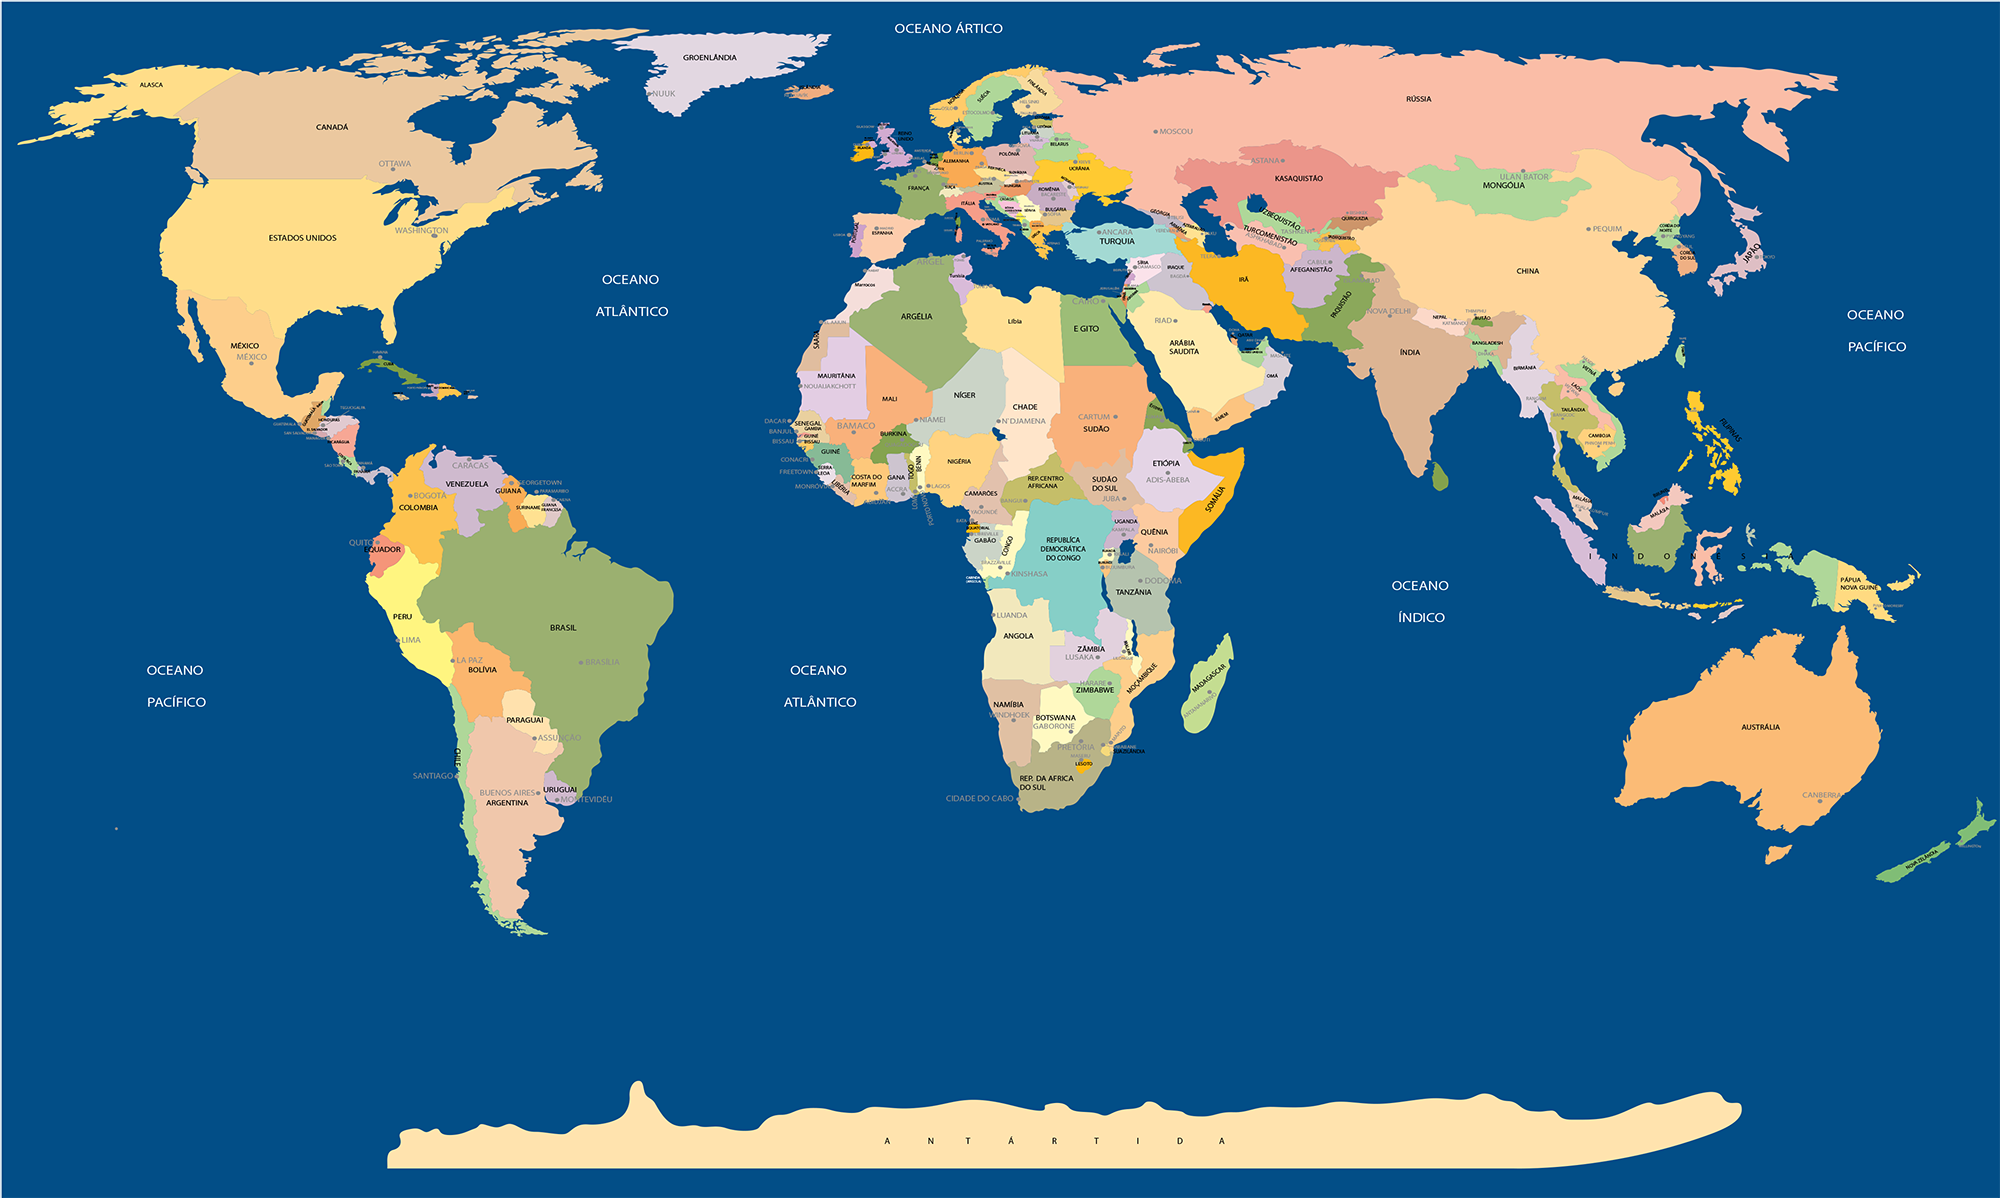 mapa mundi paises e capitais Mapa Mundi nome de todos os paises e capitais | Pessoal  mapa mundi paises e capitais